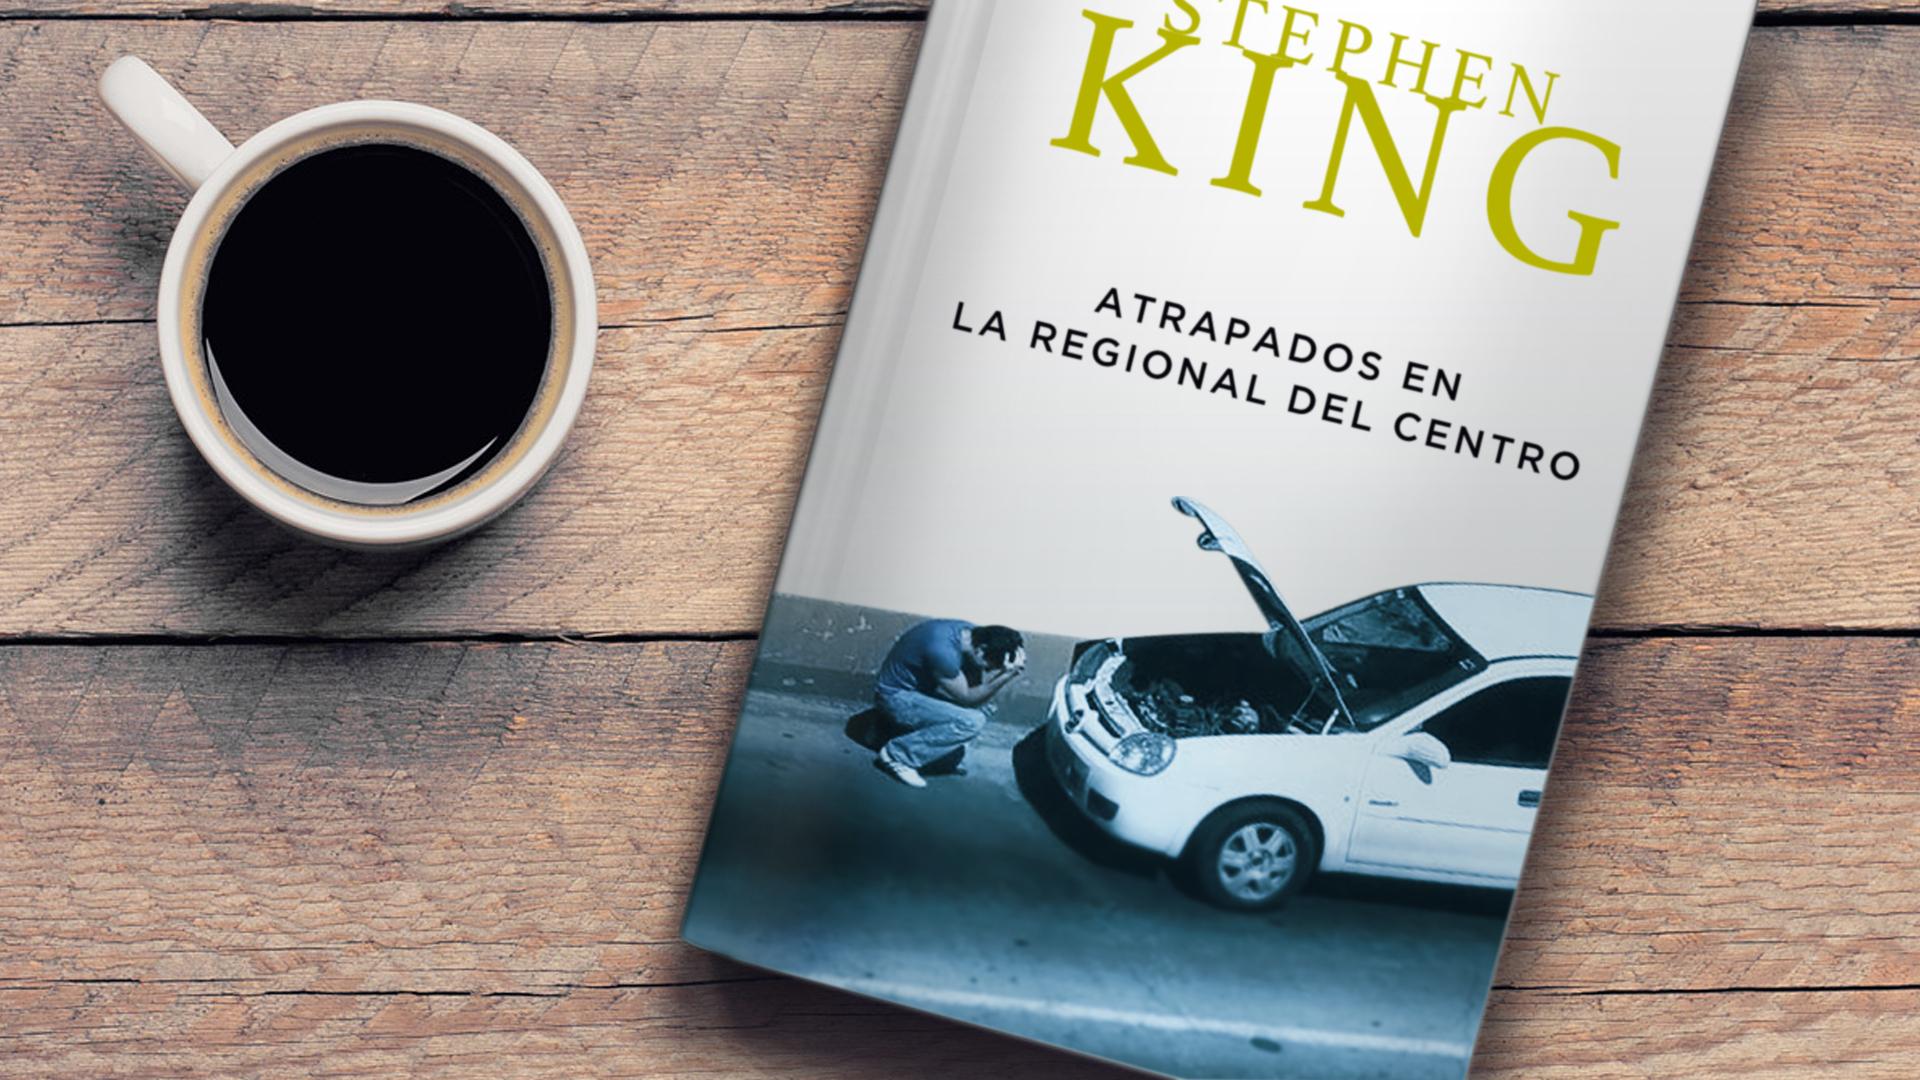 Stephen King anuncia novela de terror basada en carro accidentado en la regional del centro